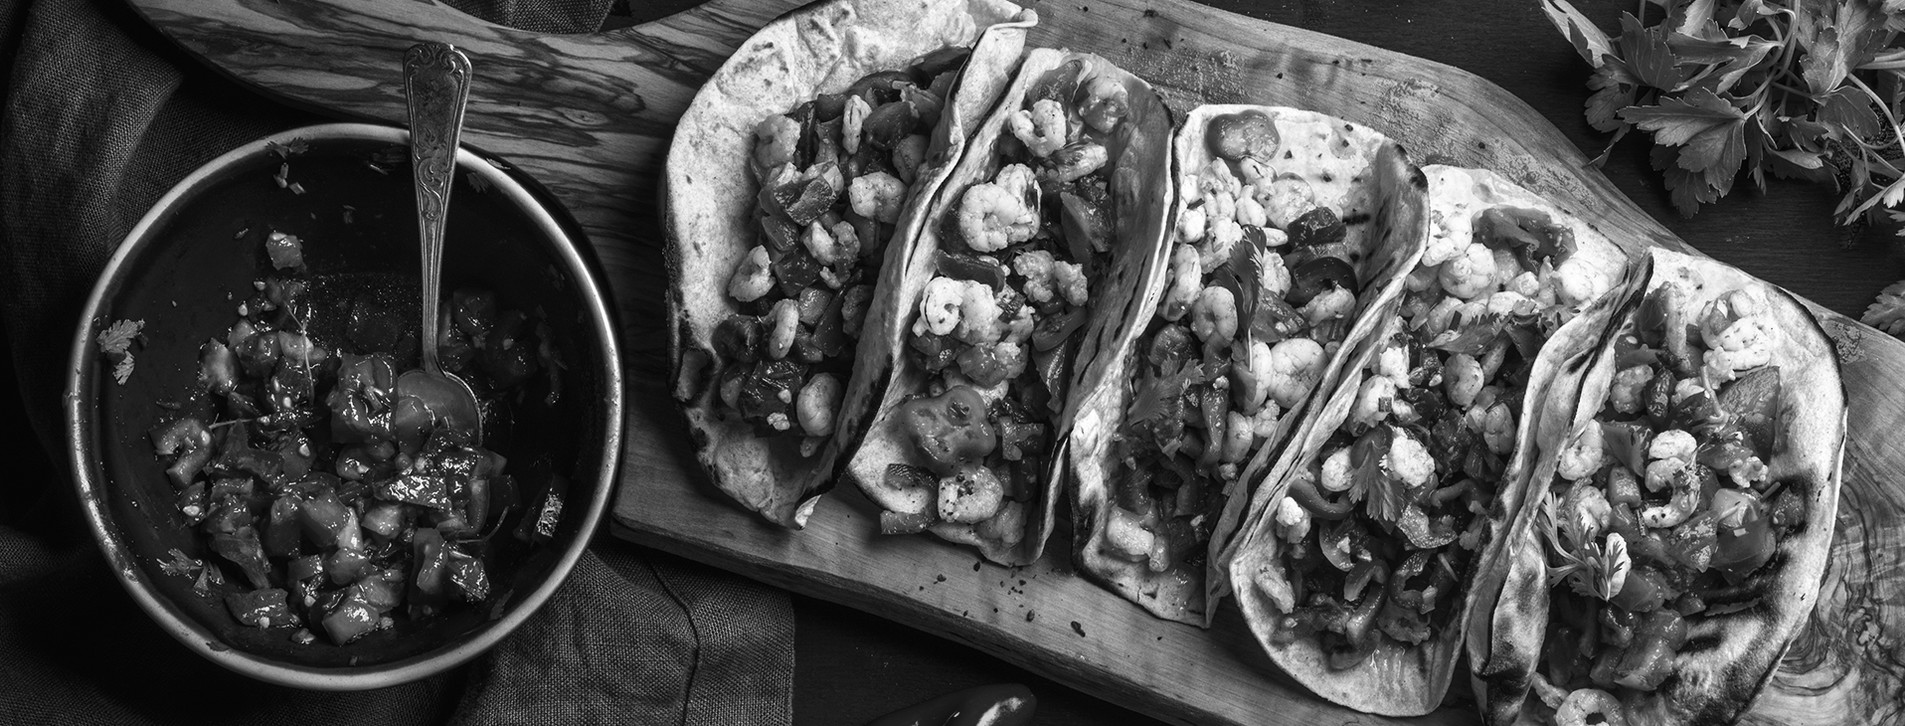 Фото 1 - Вечеря в мексиканському ресторані